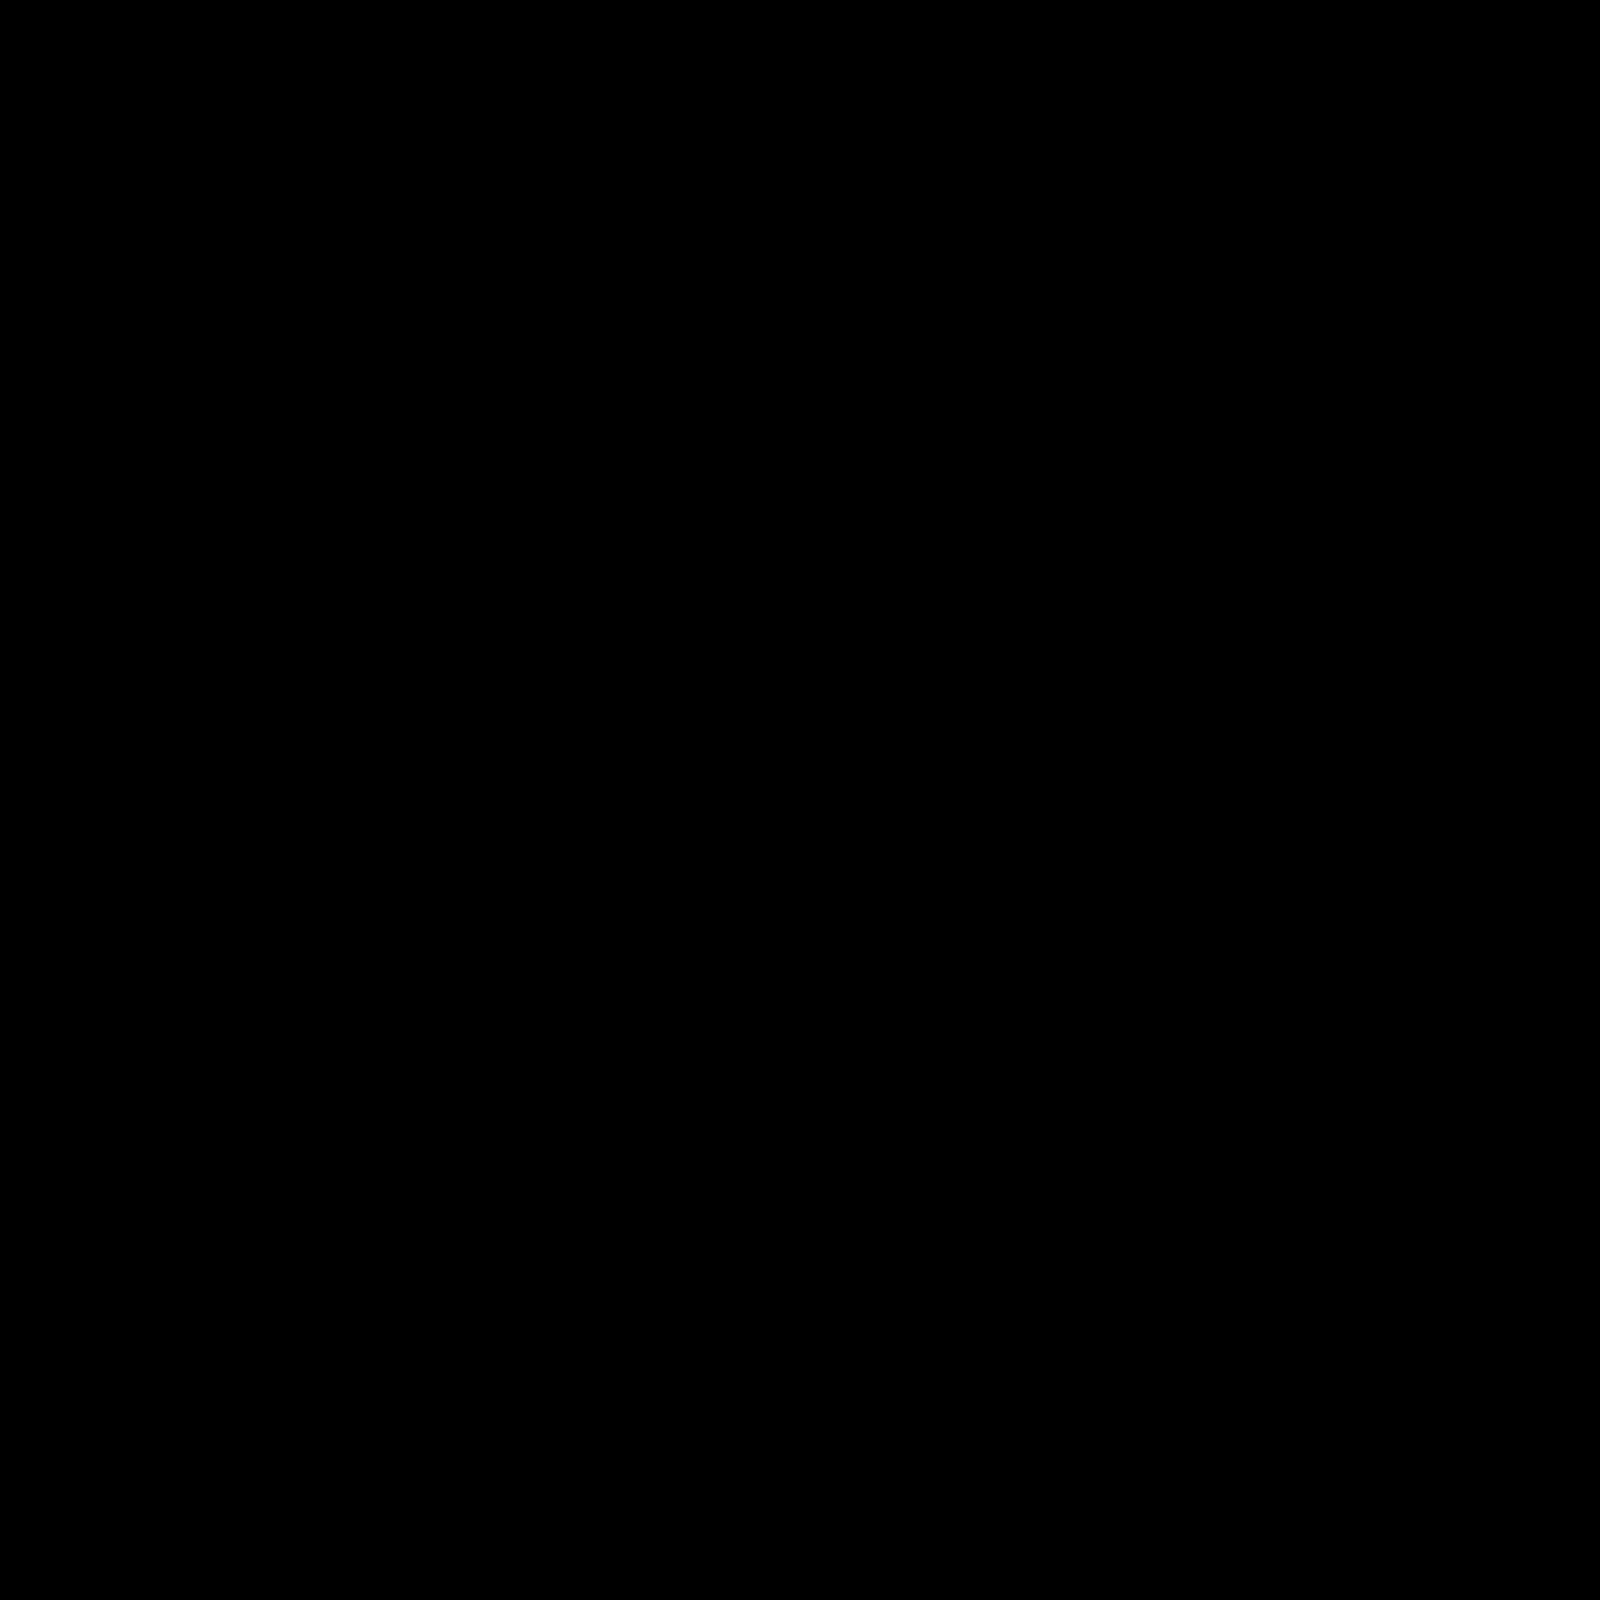 Empty Tray icon